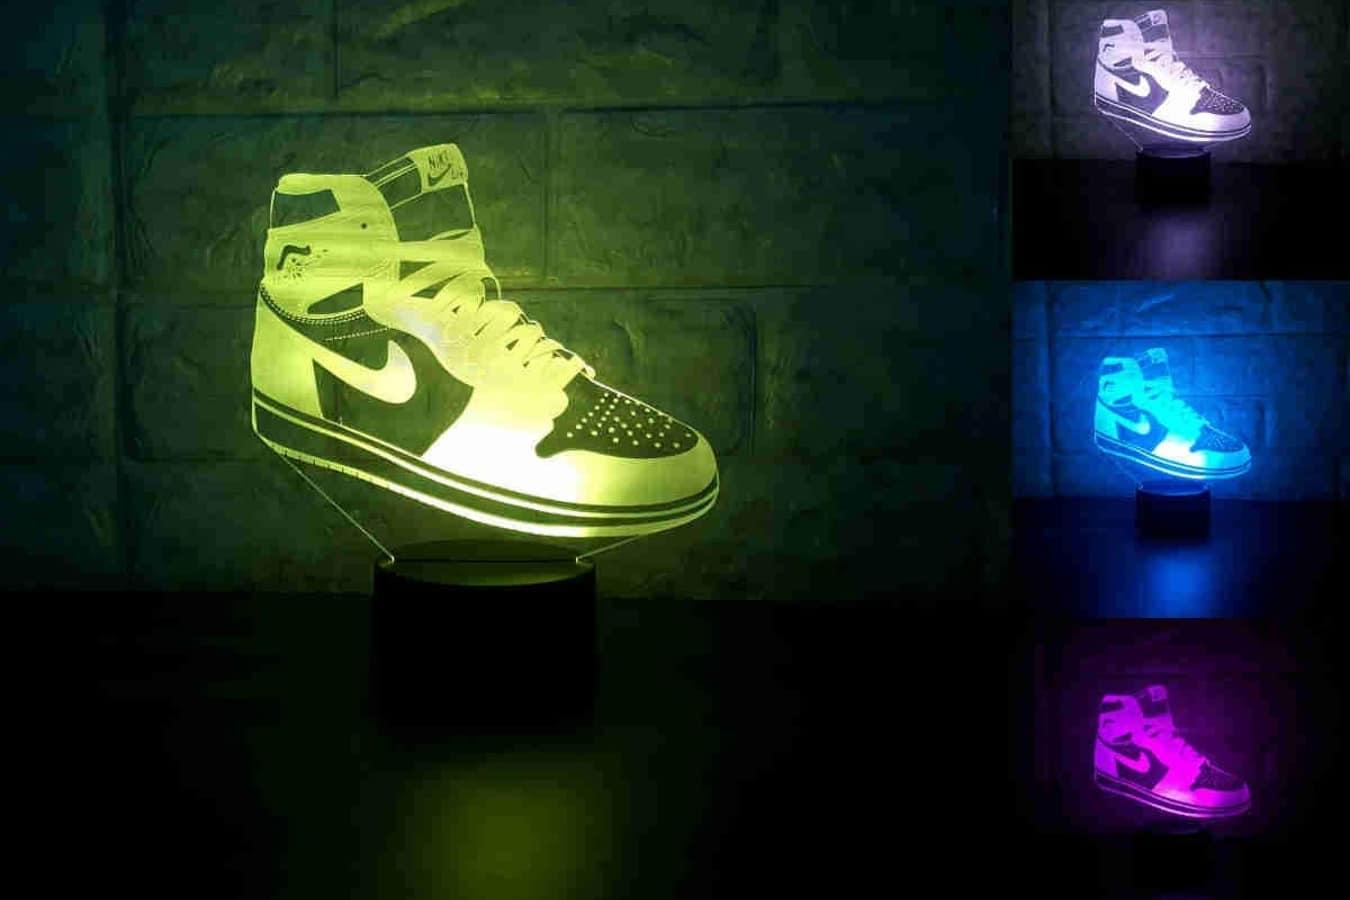 sneakers 3d lamp table nightlight 7